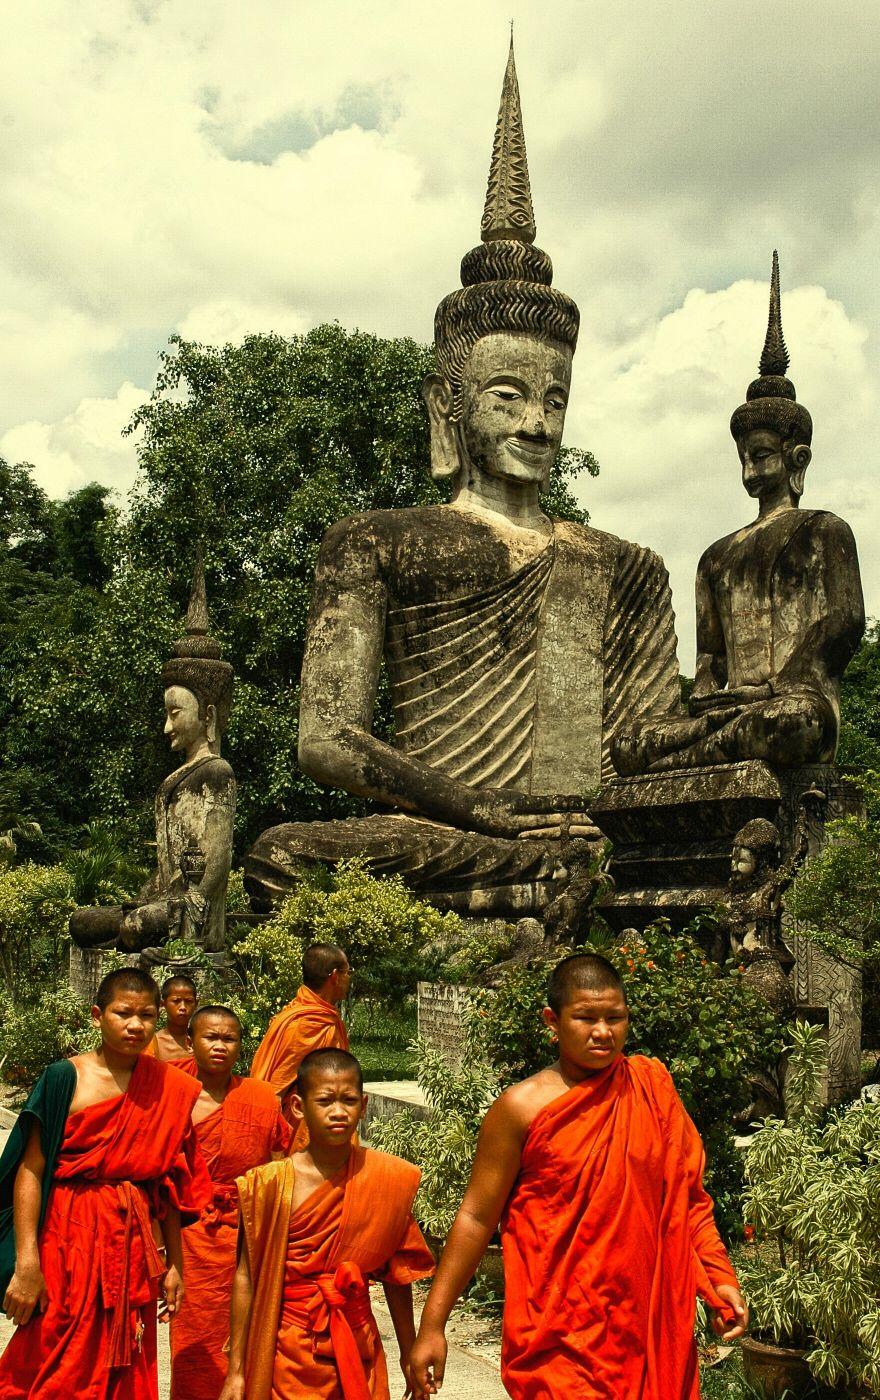 Sala Kaew Ku Buddha Park, Thailand